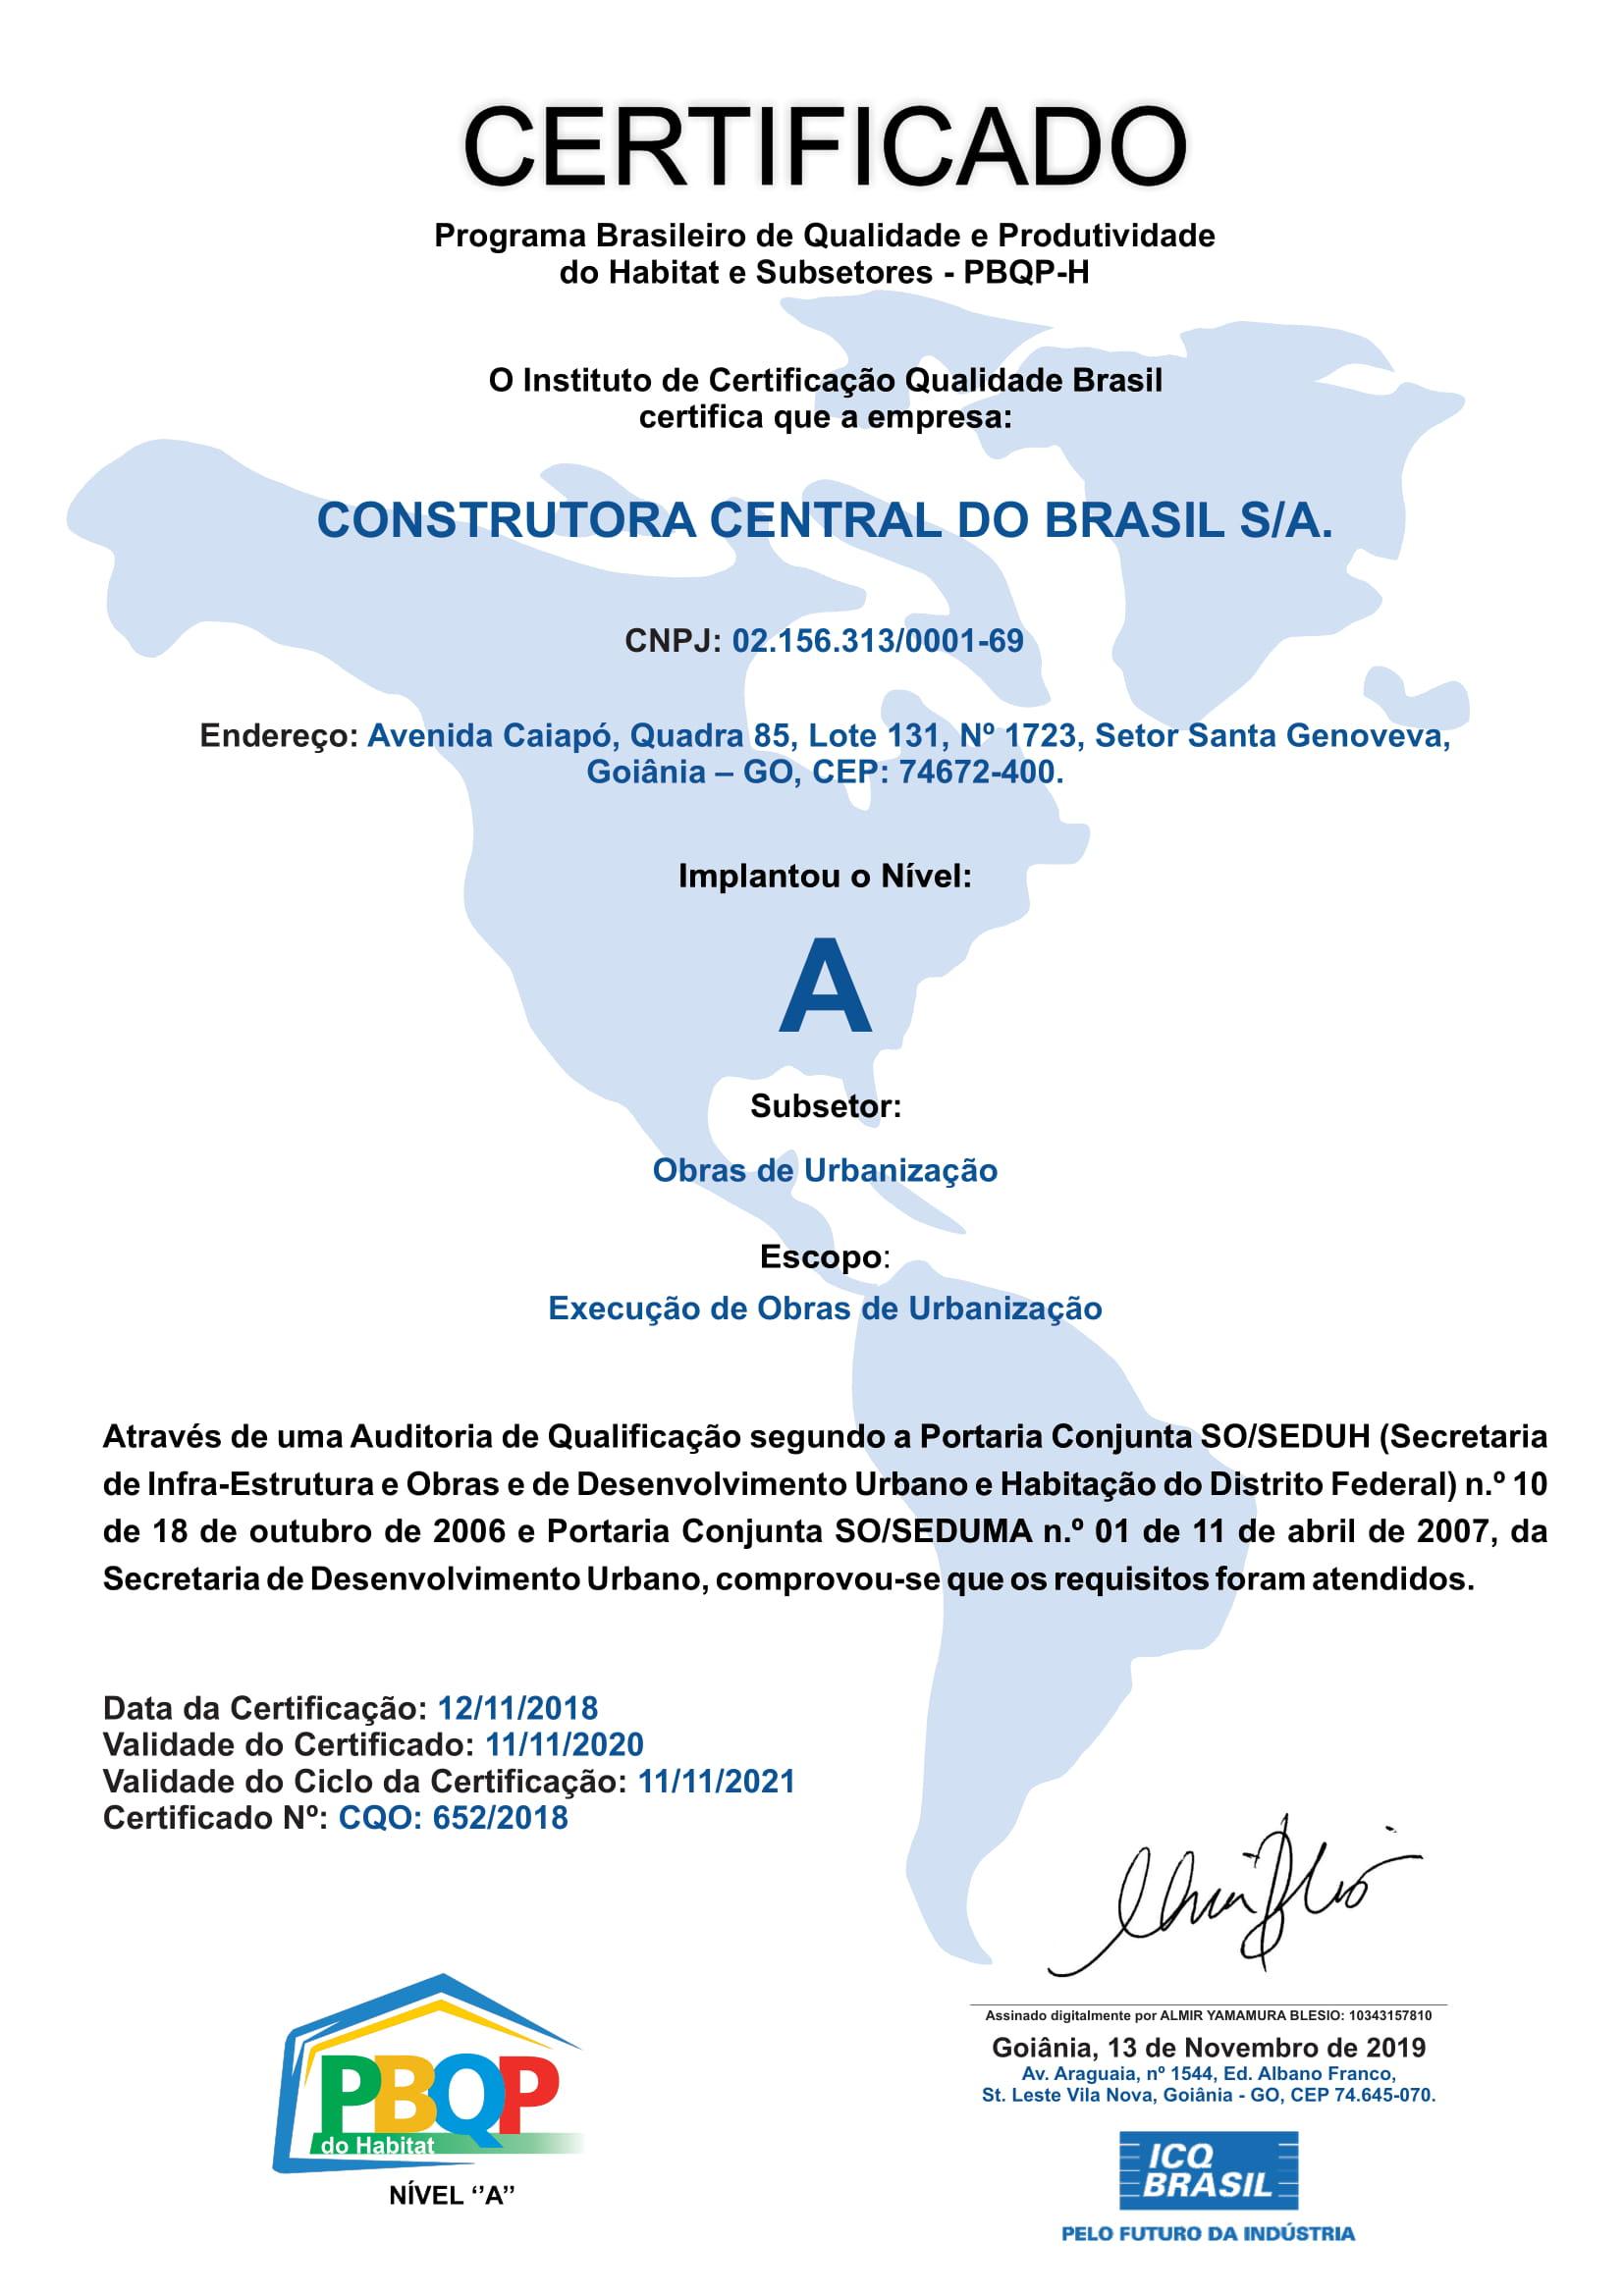 CERTIFICADO-DE-CONFORMIDADE-PBQP-H-DF-URBANIZAÇÃO-1